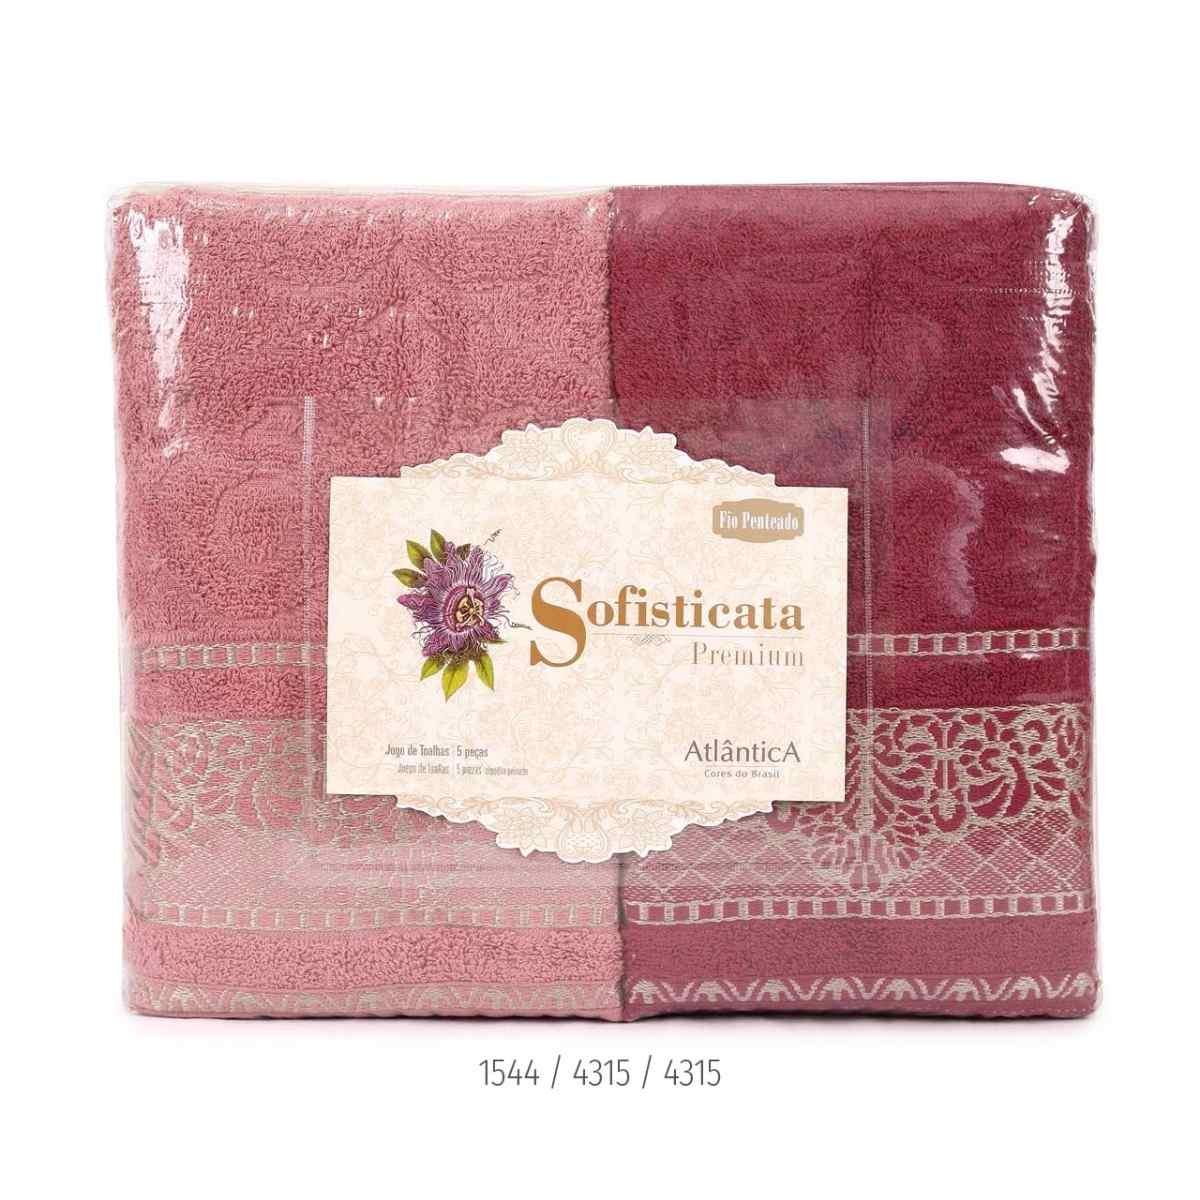 Jogo de toalha imperial 5pcs Estampada/Rosa Pó/Merlot